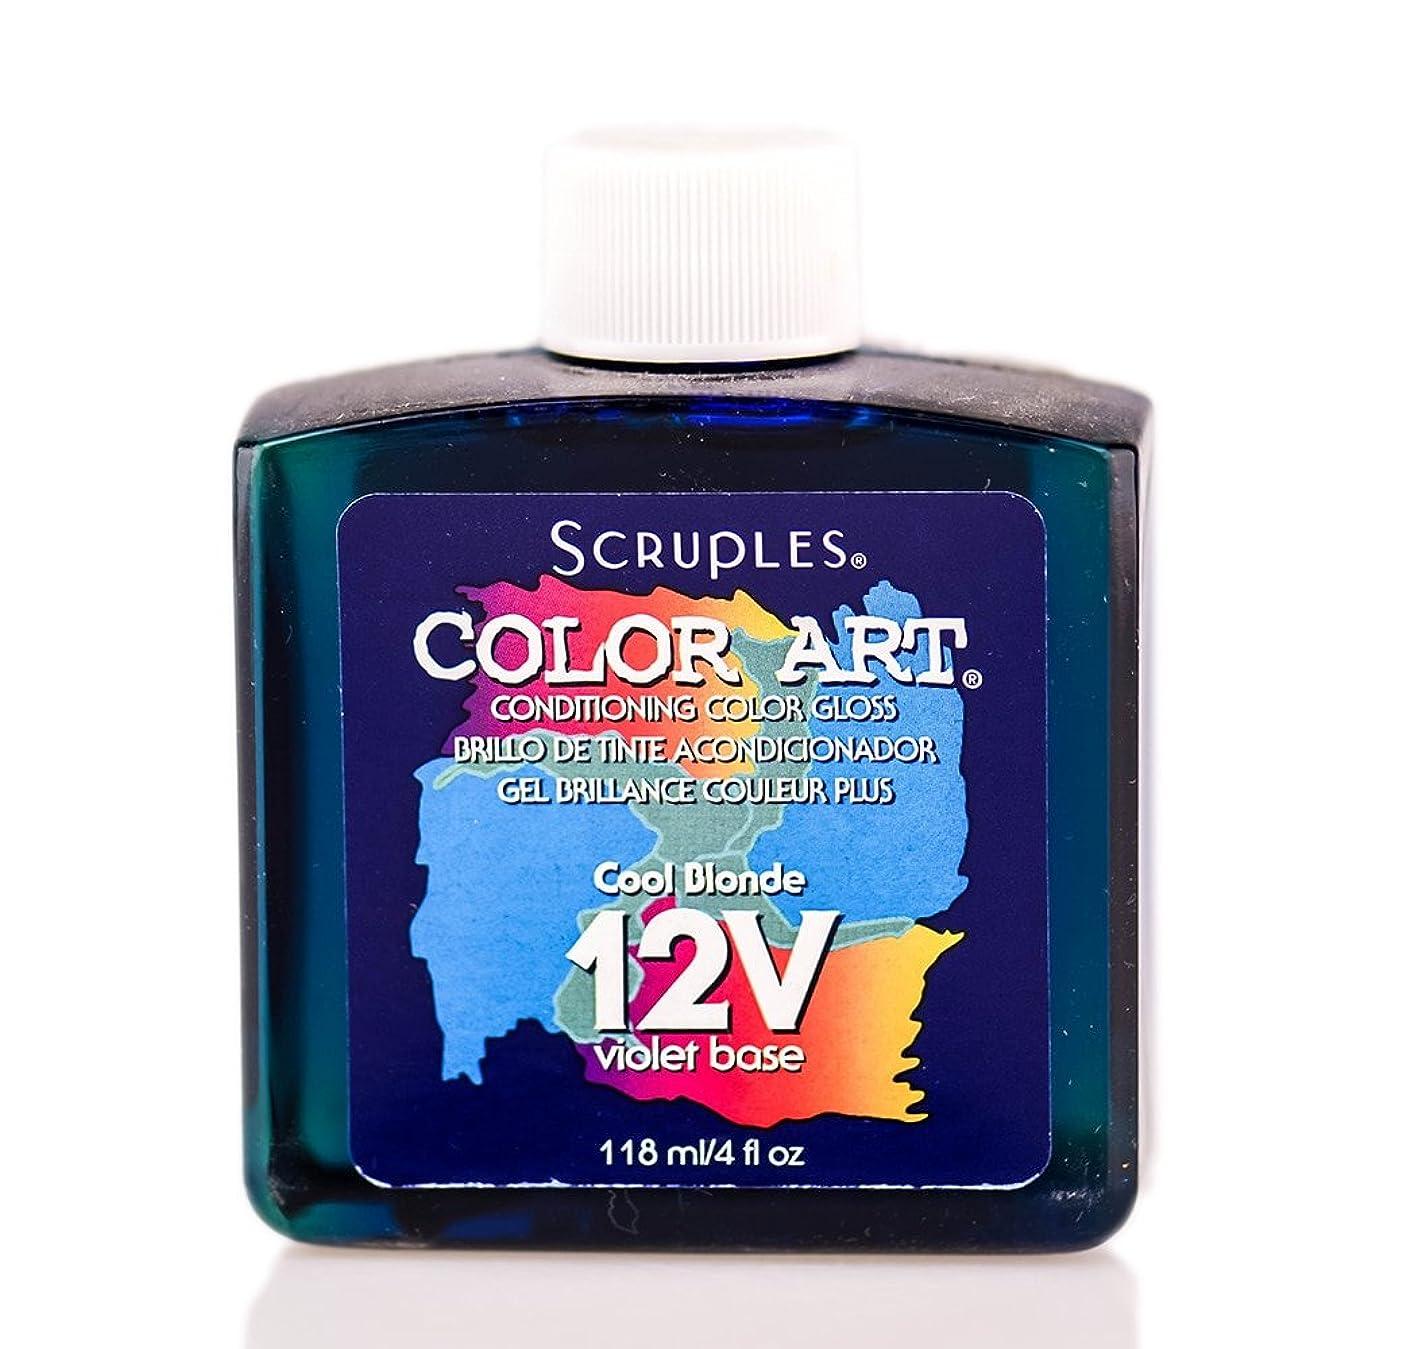 着飾るチャップ記念碑的なScruples カラーアートコンディショニングカラーグロス(12Vクールブロンドバイオレットベース)